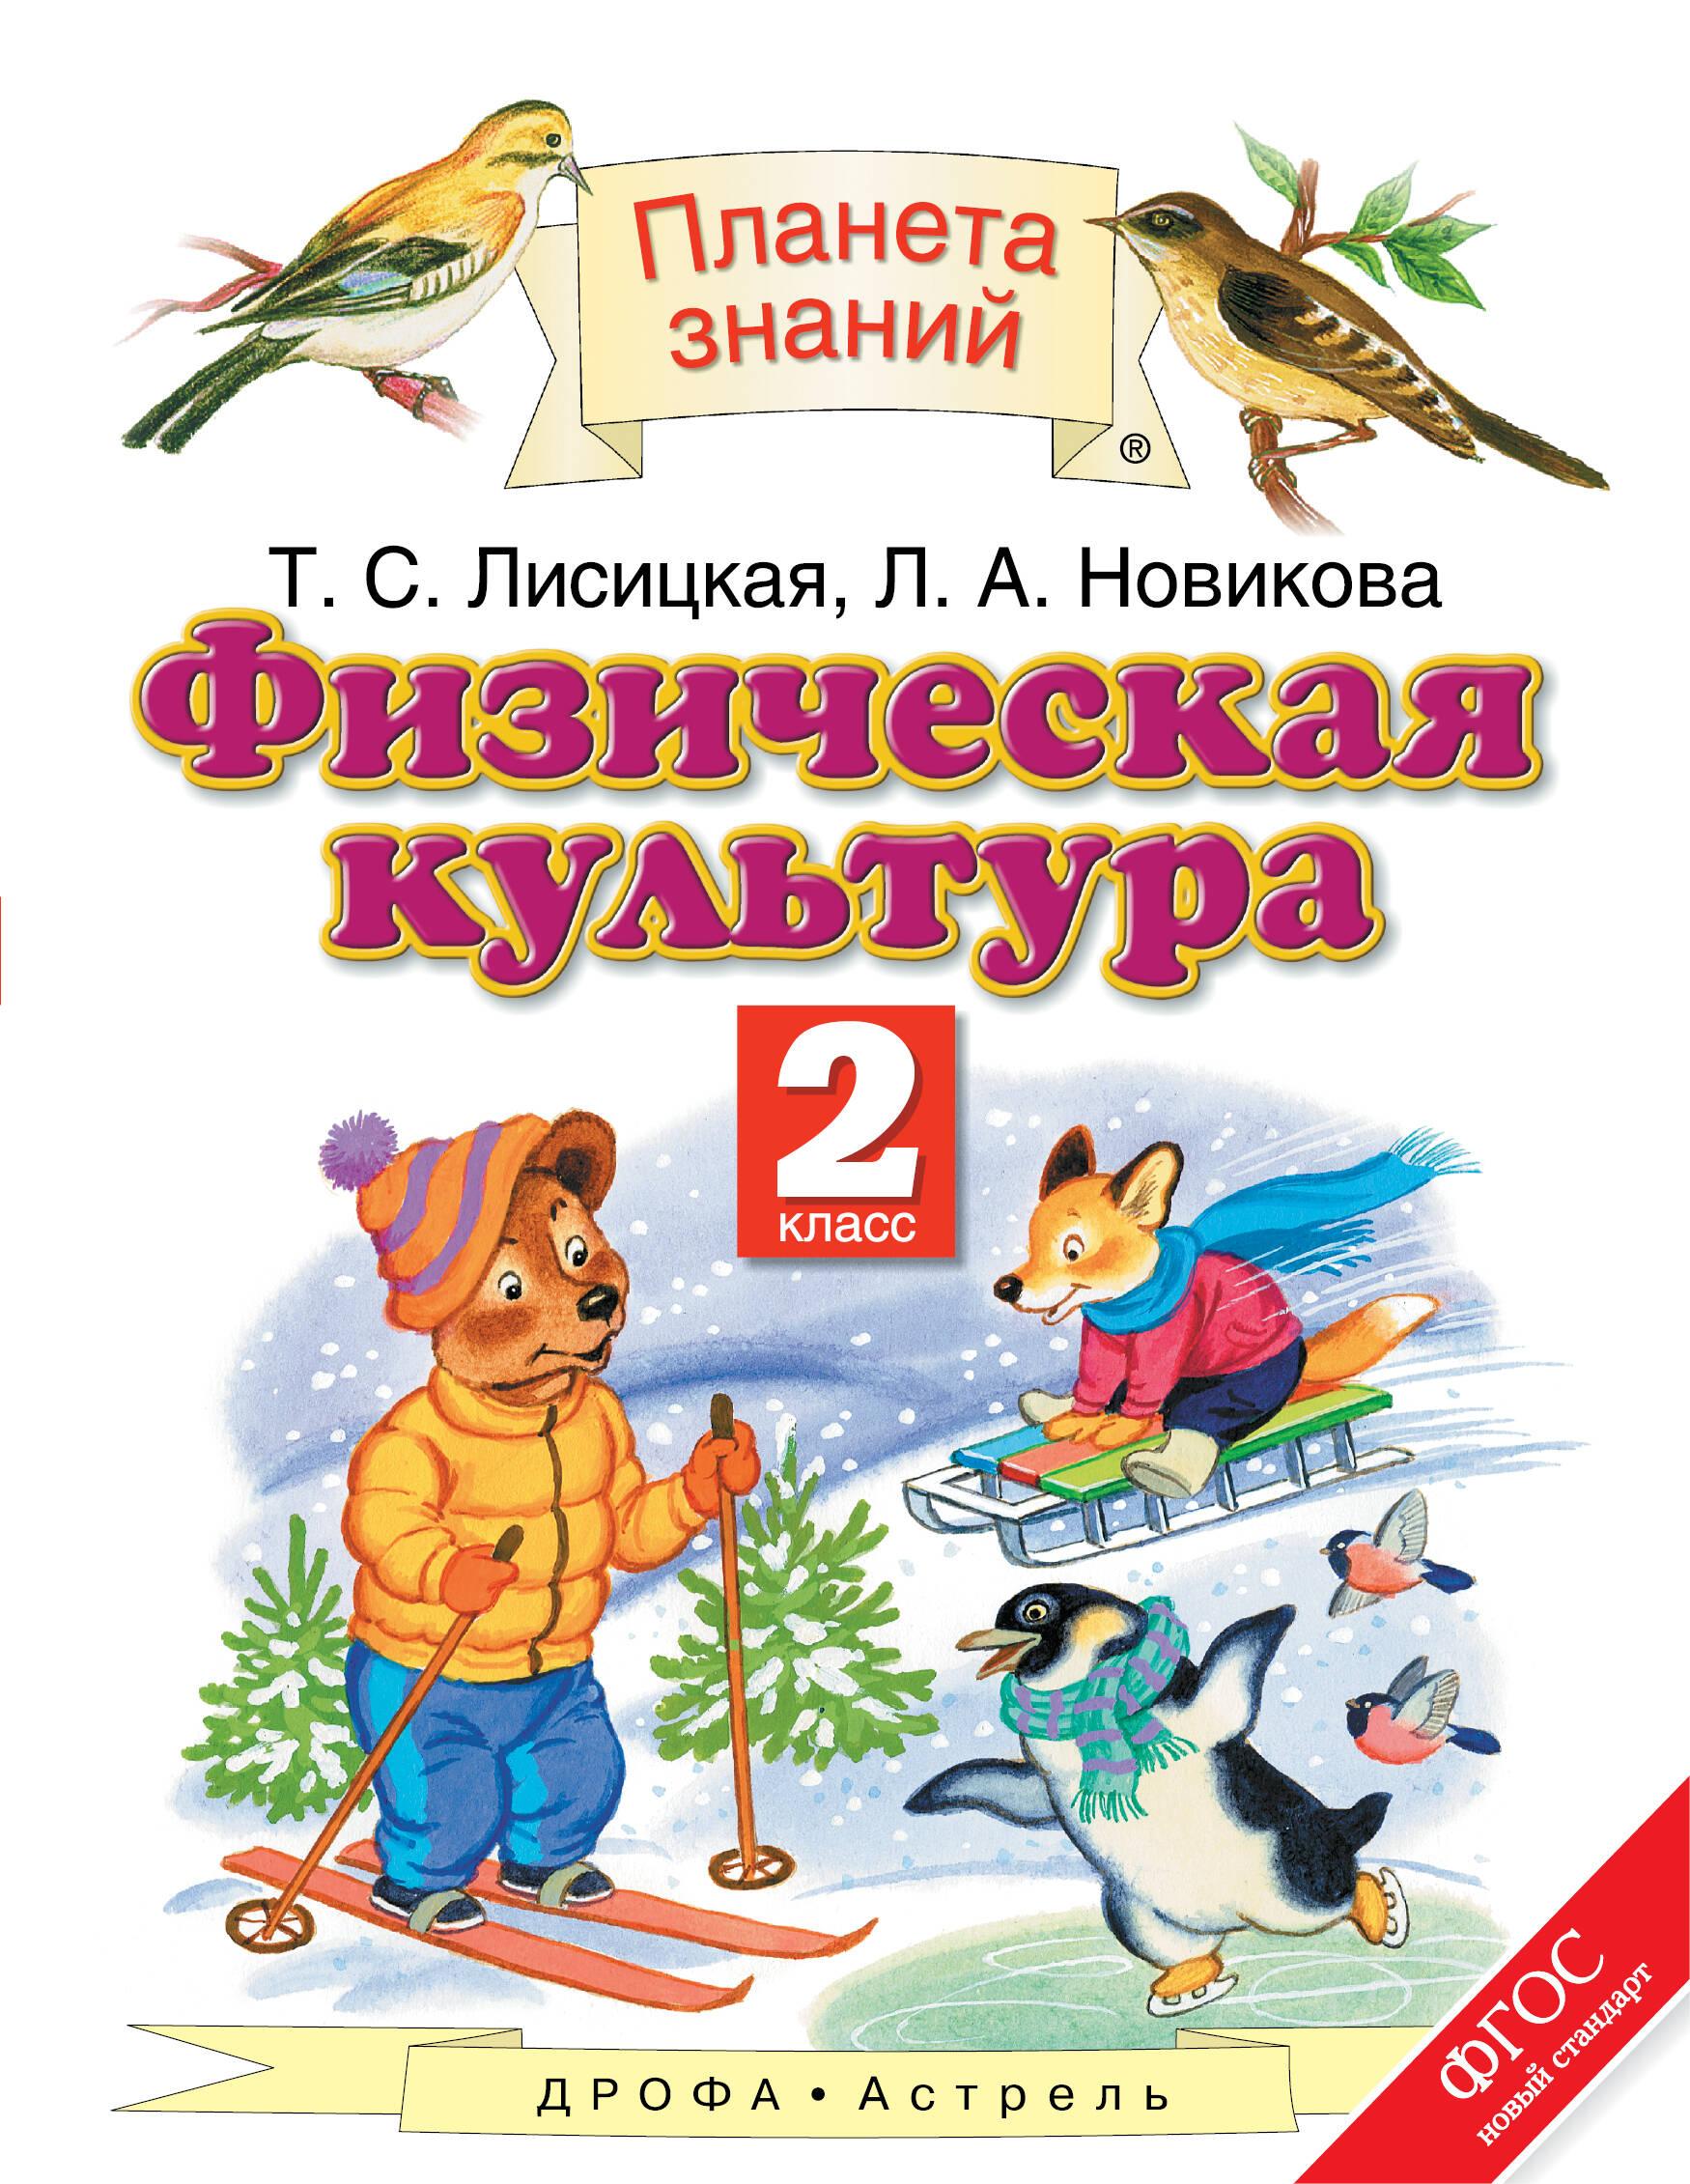 Физическая культура. 2 класс. Учебник ( Лисицкая Т.С., Новикова Л.А.  )